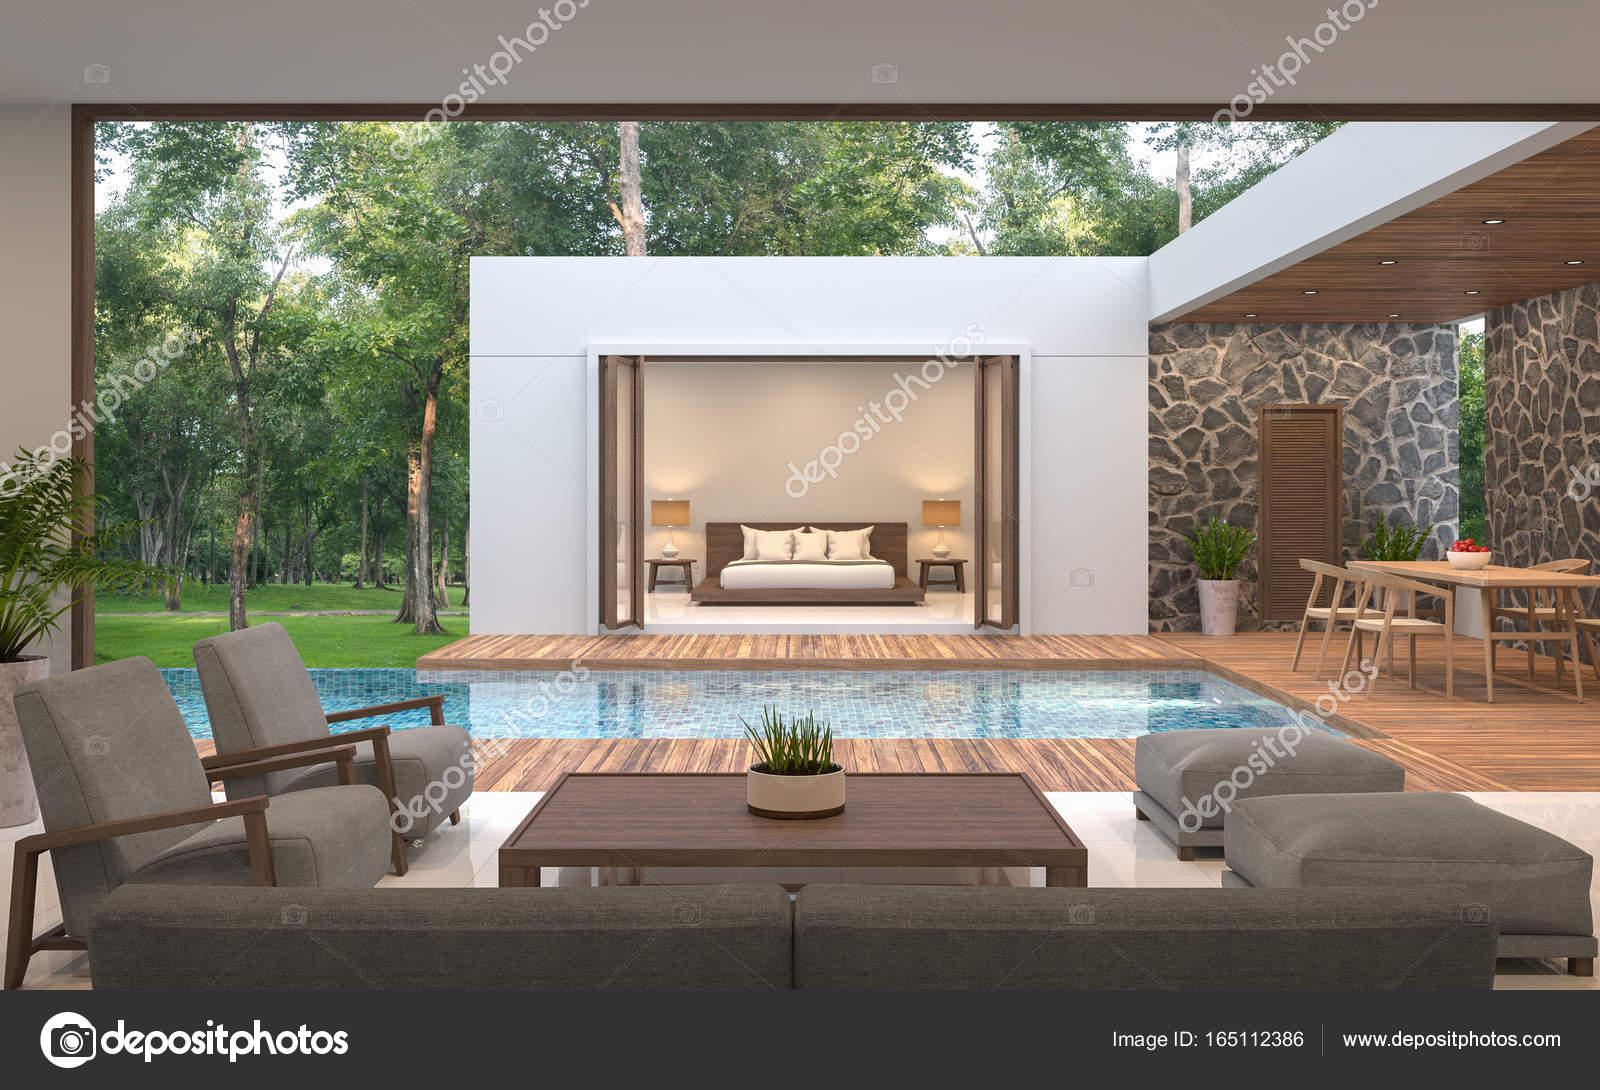 Moderne zeitgenössische Pool Villa Rendering 3D-Bild — Stockfoto ...